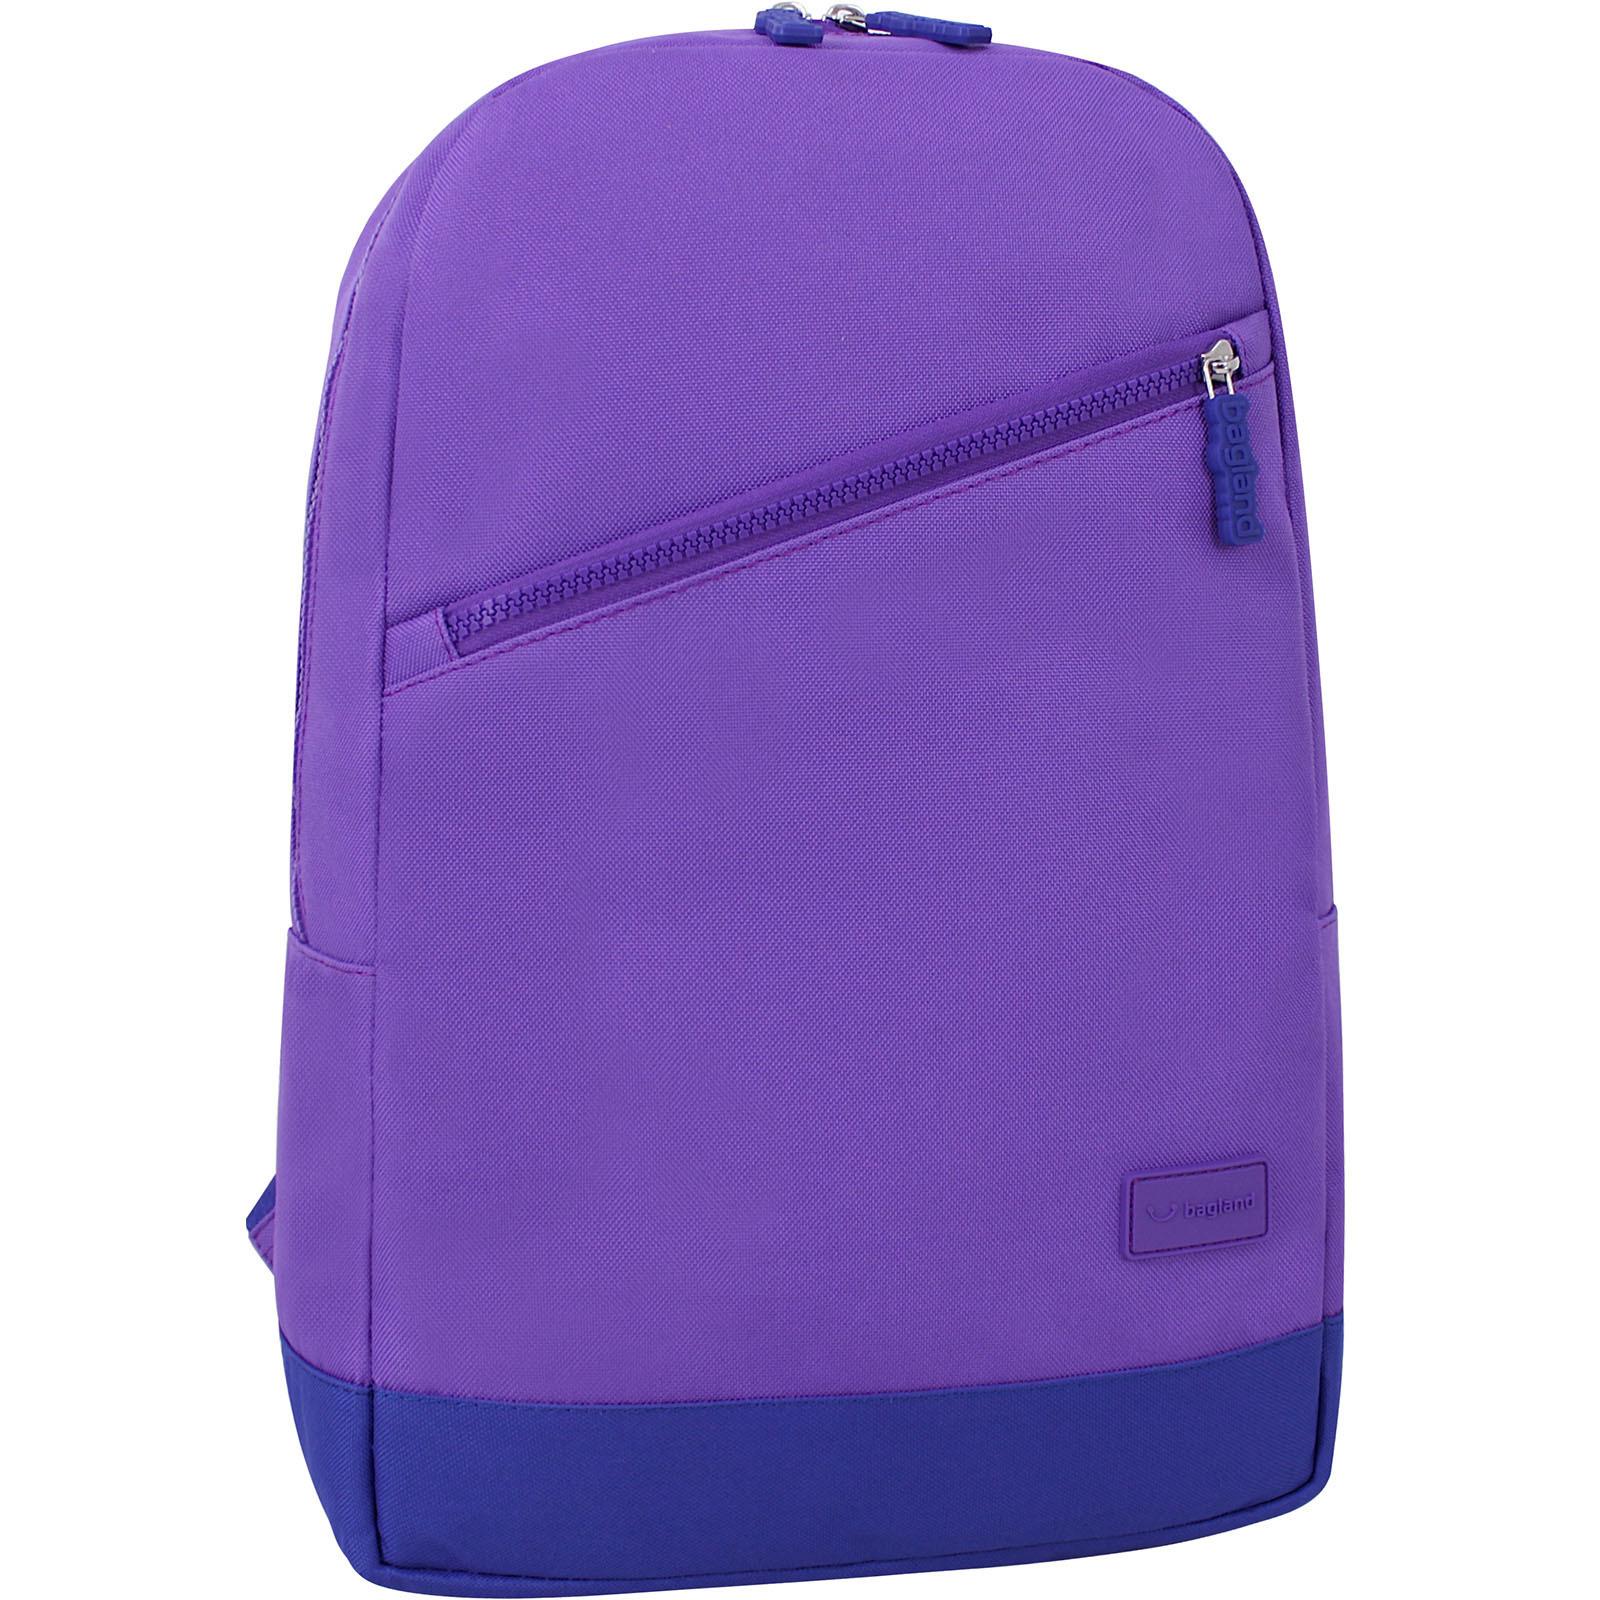 Городские рюкзаки Рюкзак Bagland Amber 15 л. фиолетовый/электрик (0010466) IMG_9788_170._електрик_.JPG